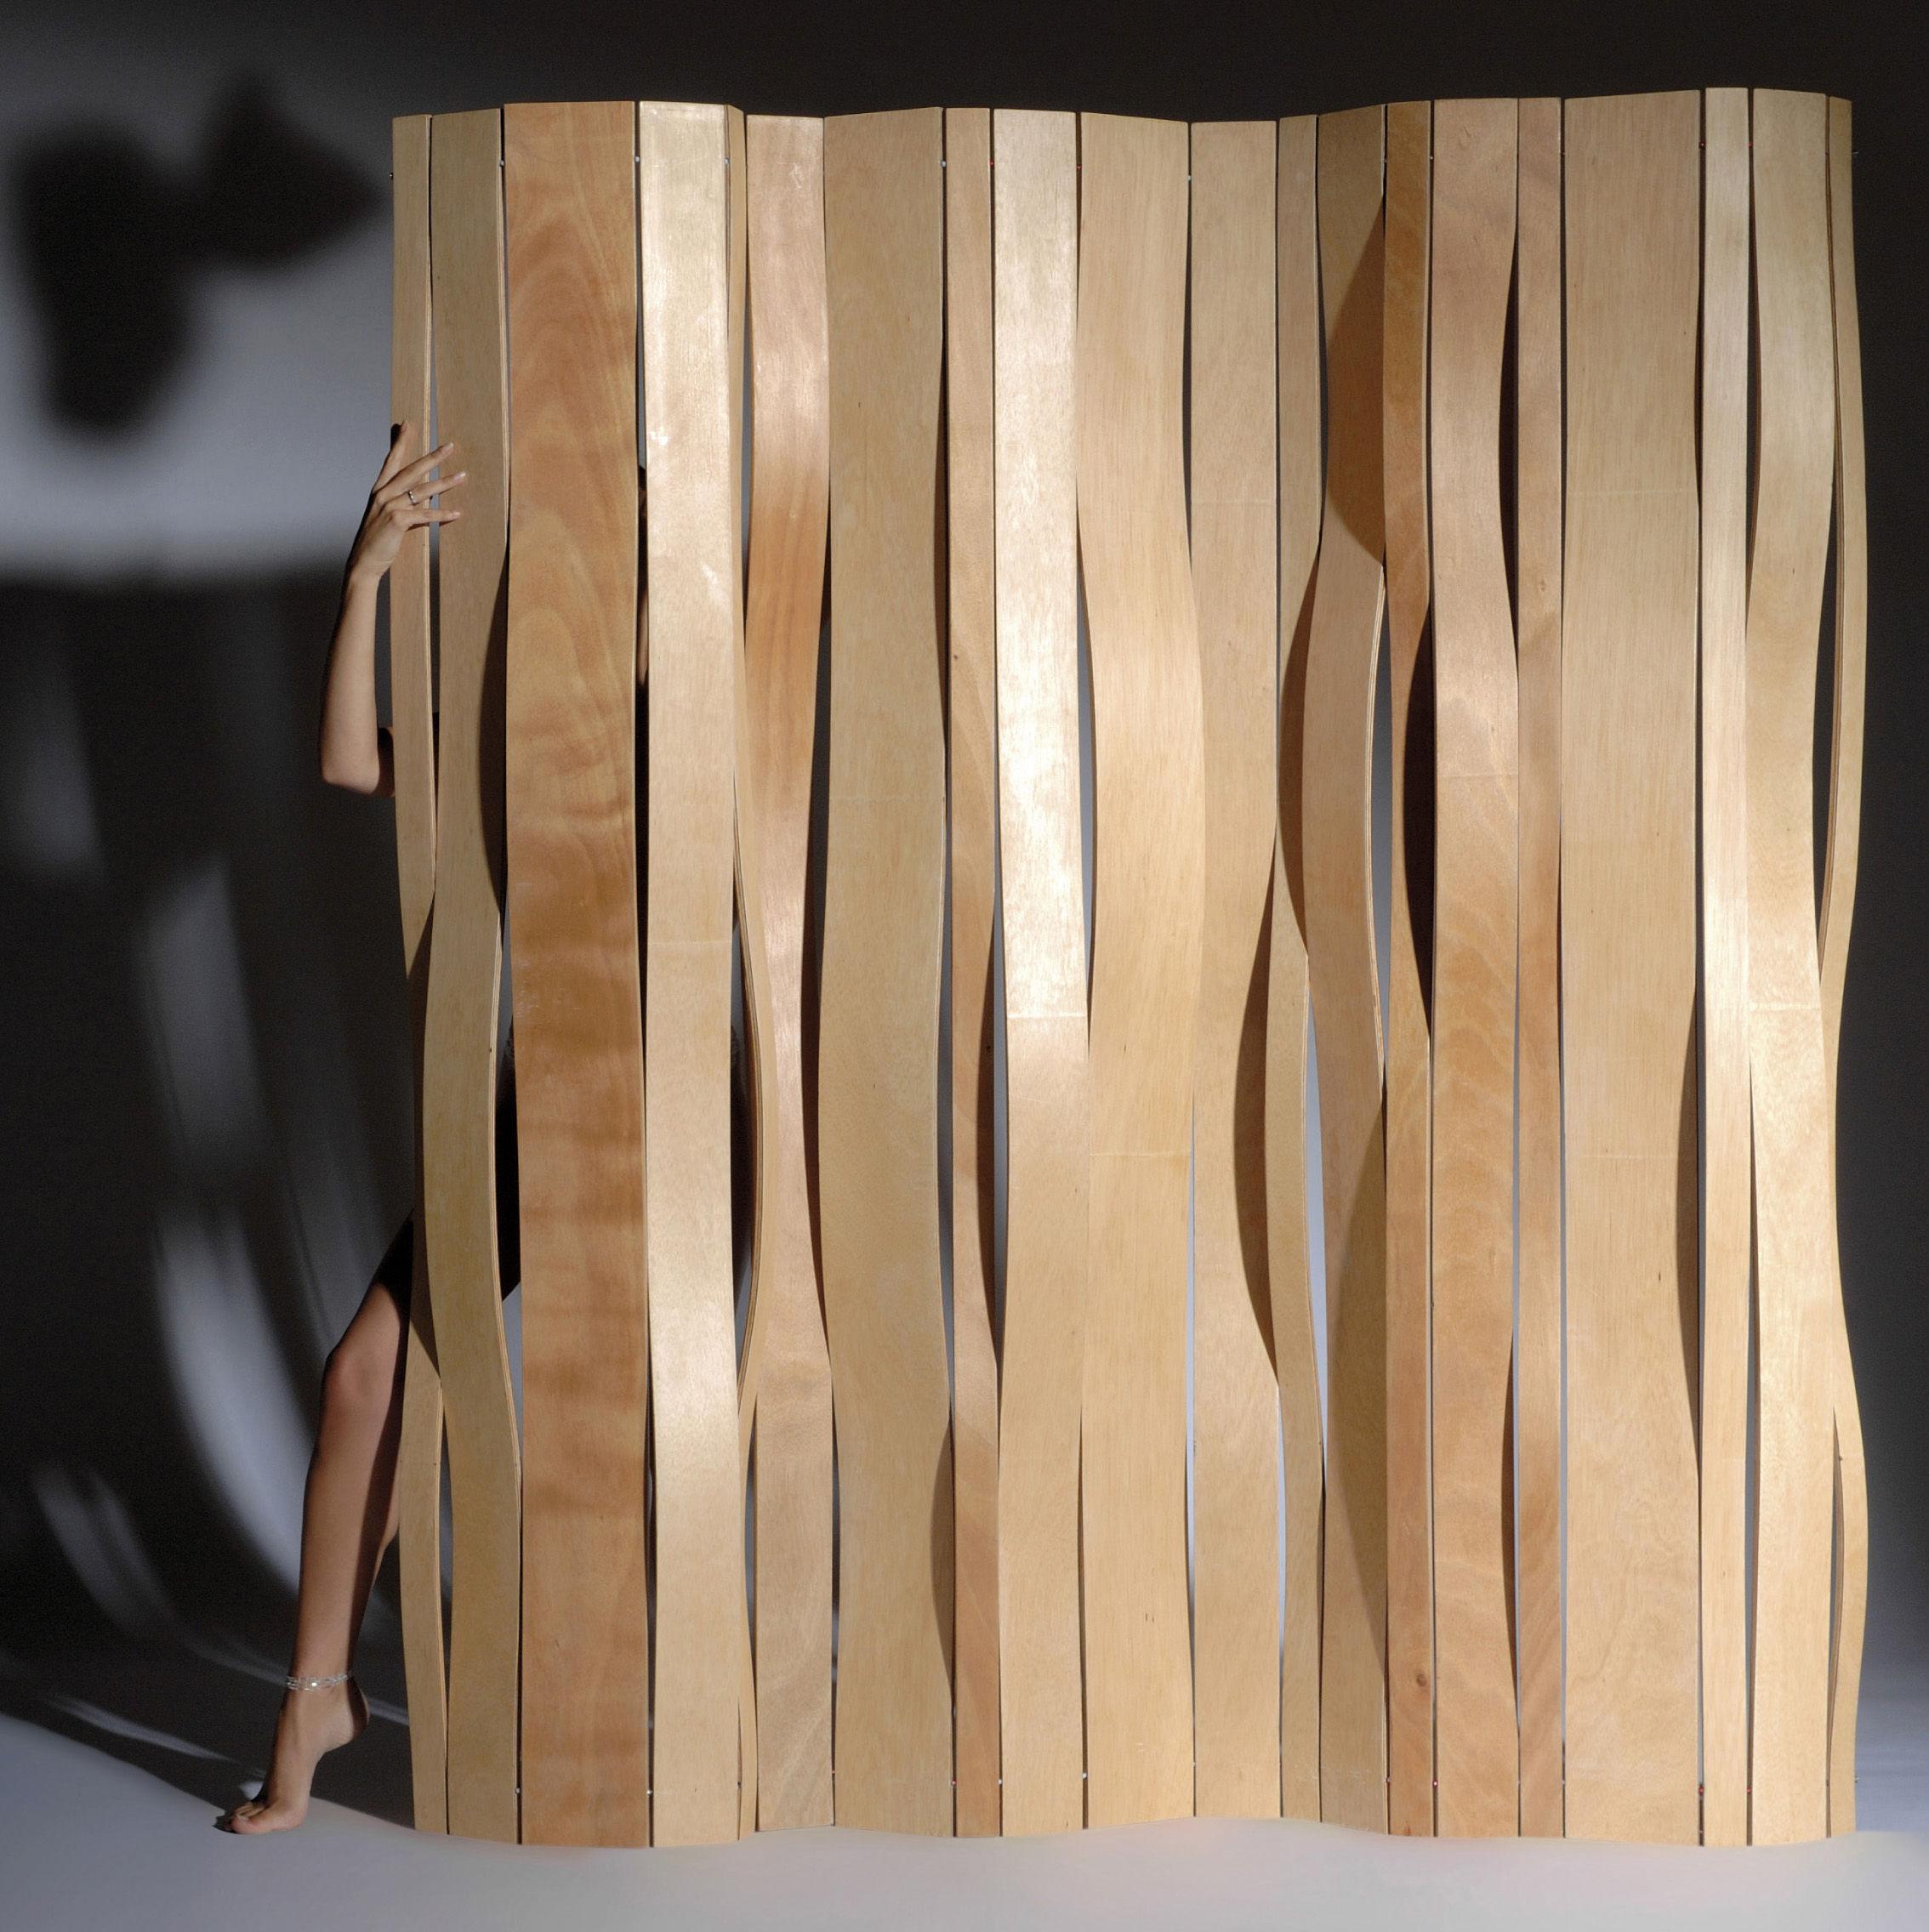 paravent swell peuplier naturel vange. Black Bedroom Furniture Sets. Home Design Ideas